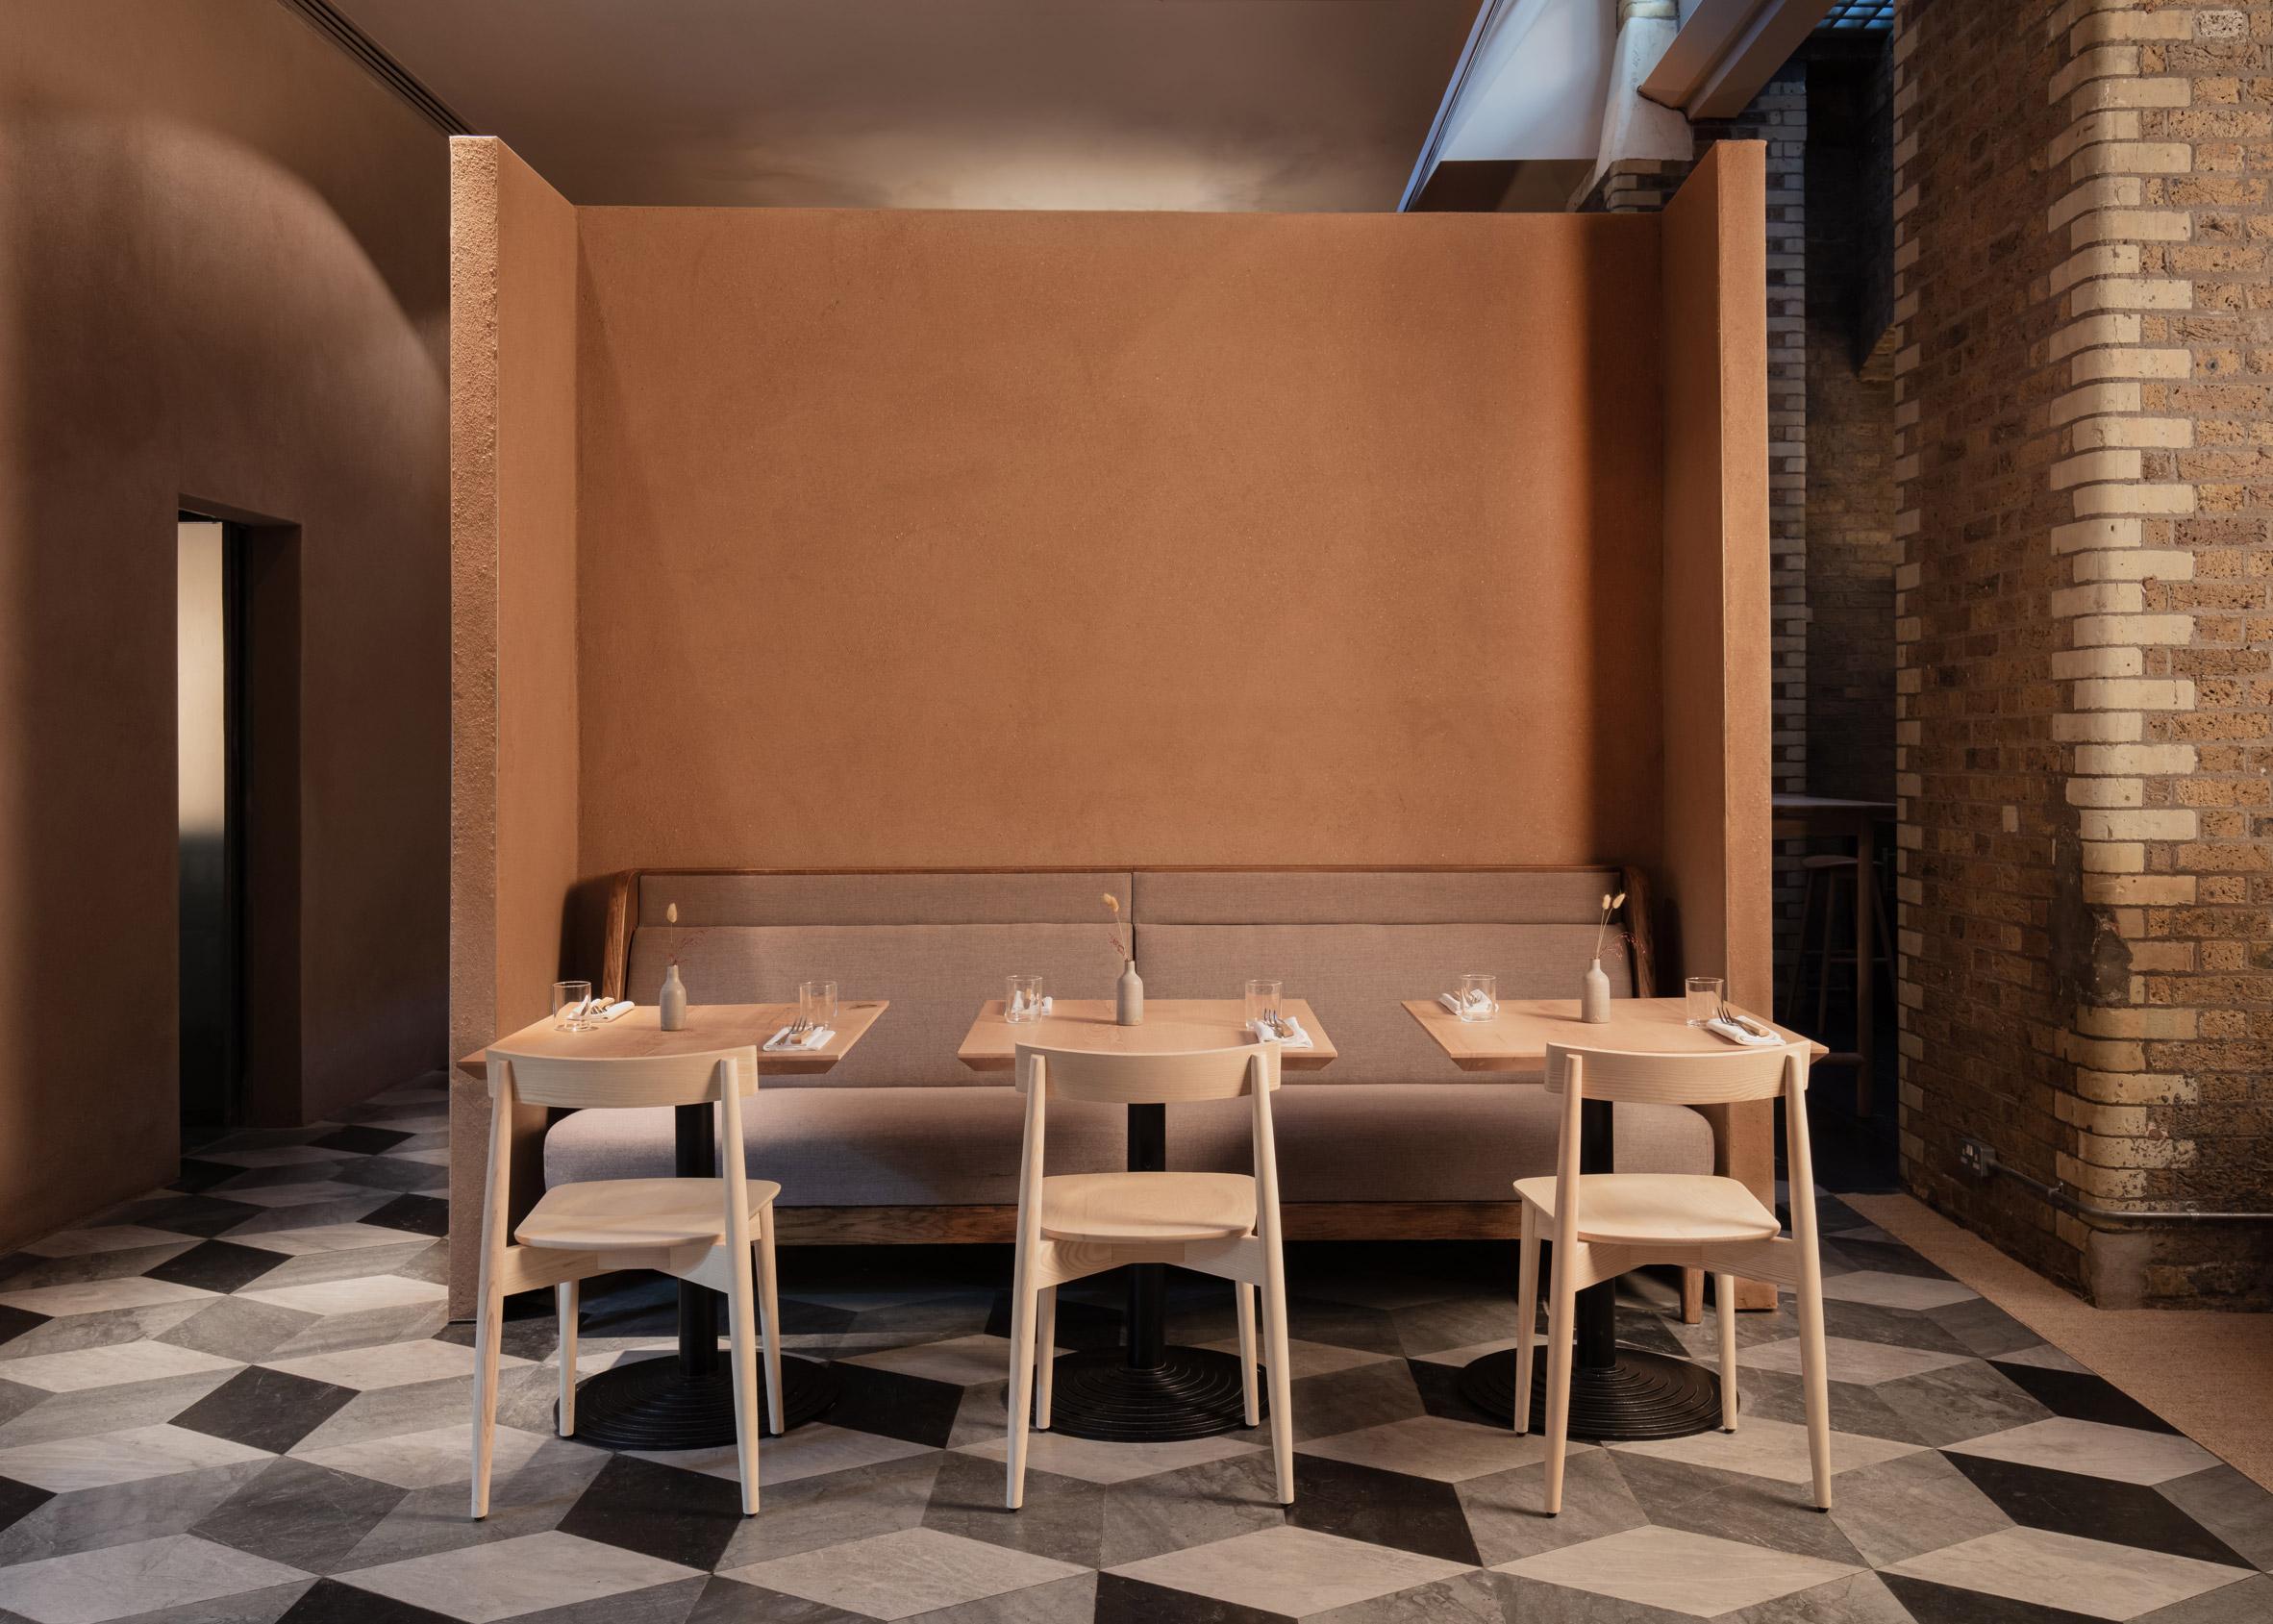 Thiết kế quán cafebằng gỗ 4